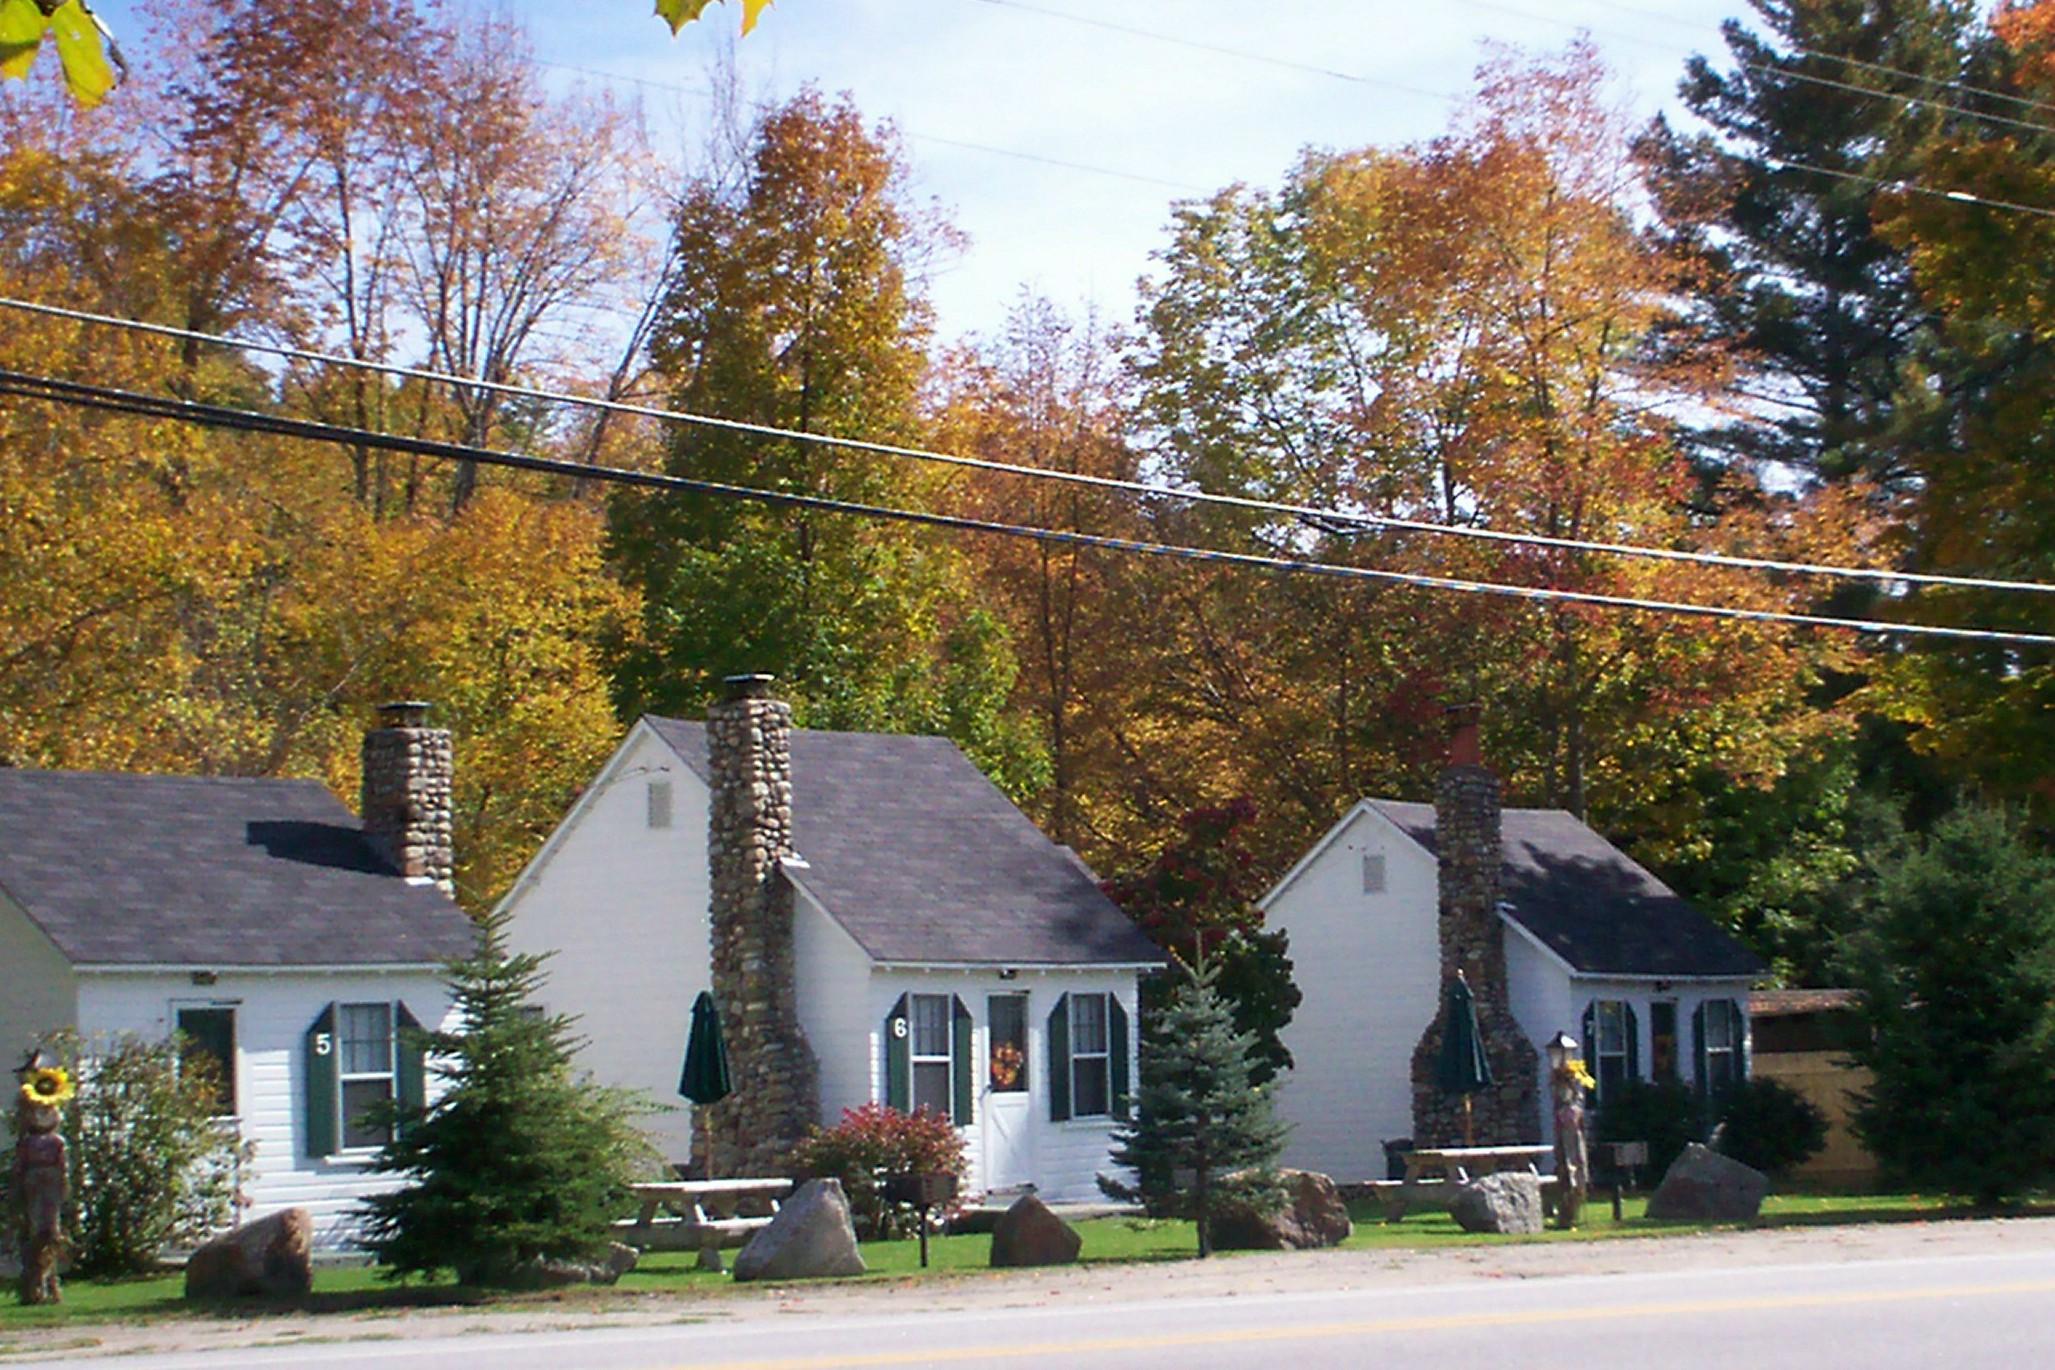 Green Village Cabins